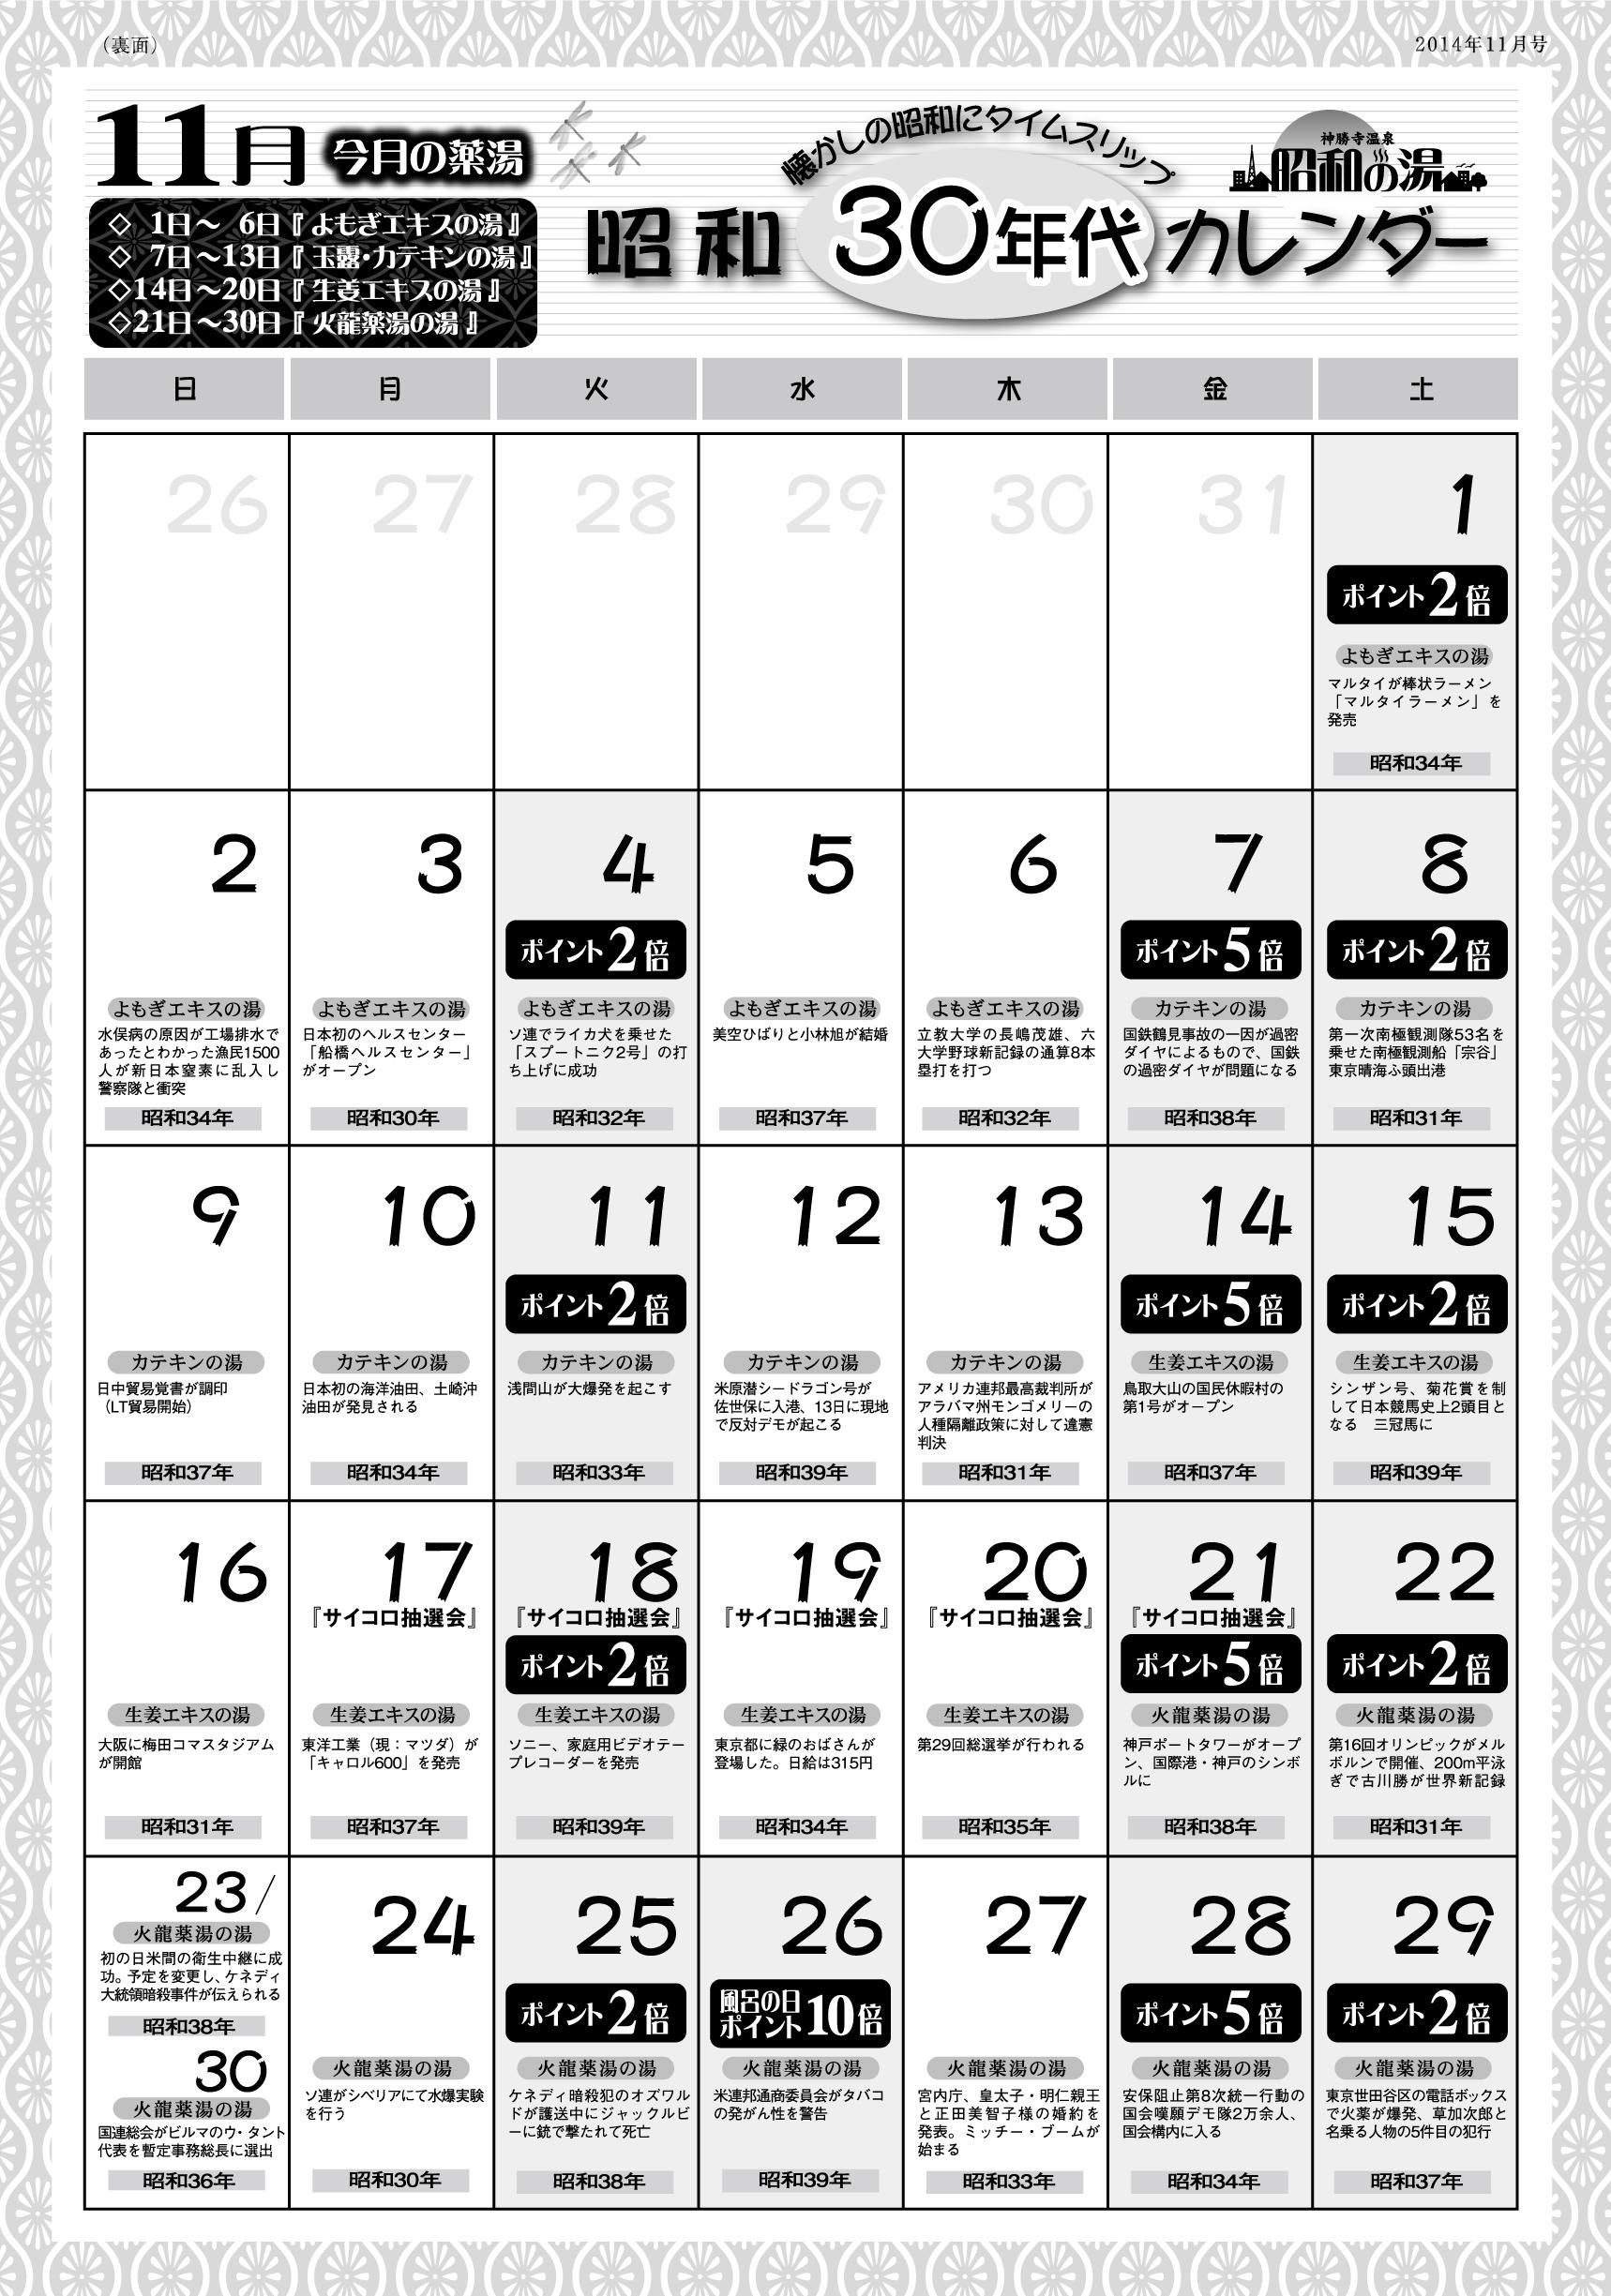 かわら版11月<薬湯カレンダーはこちら>